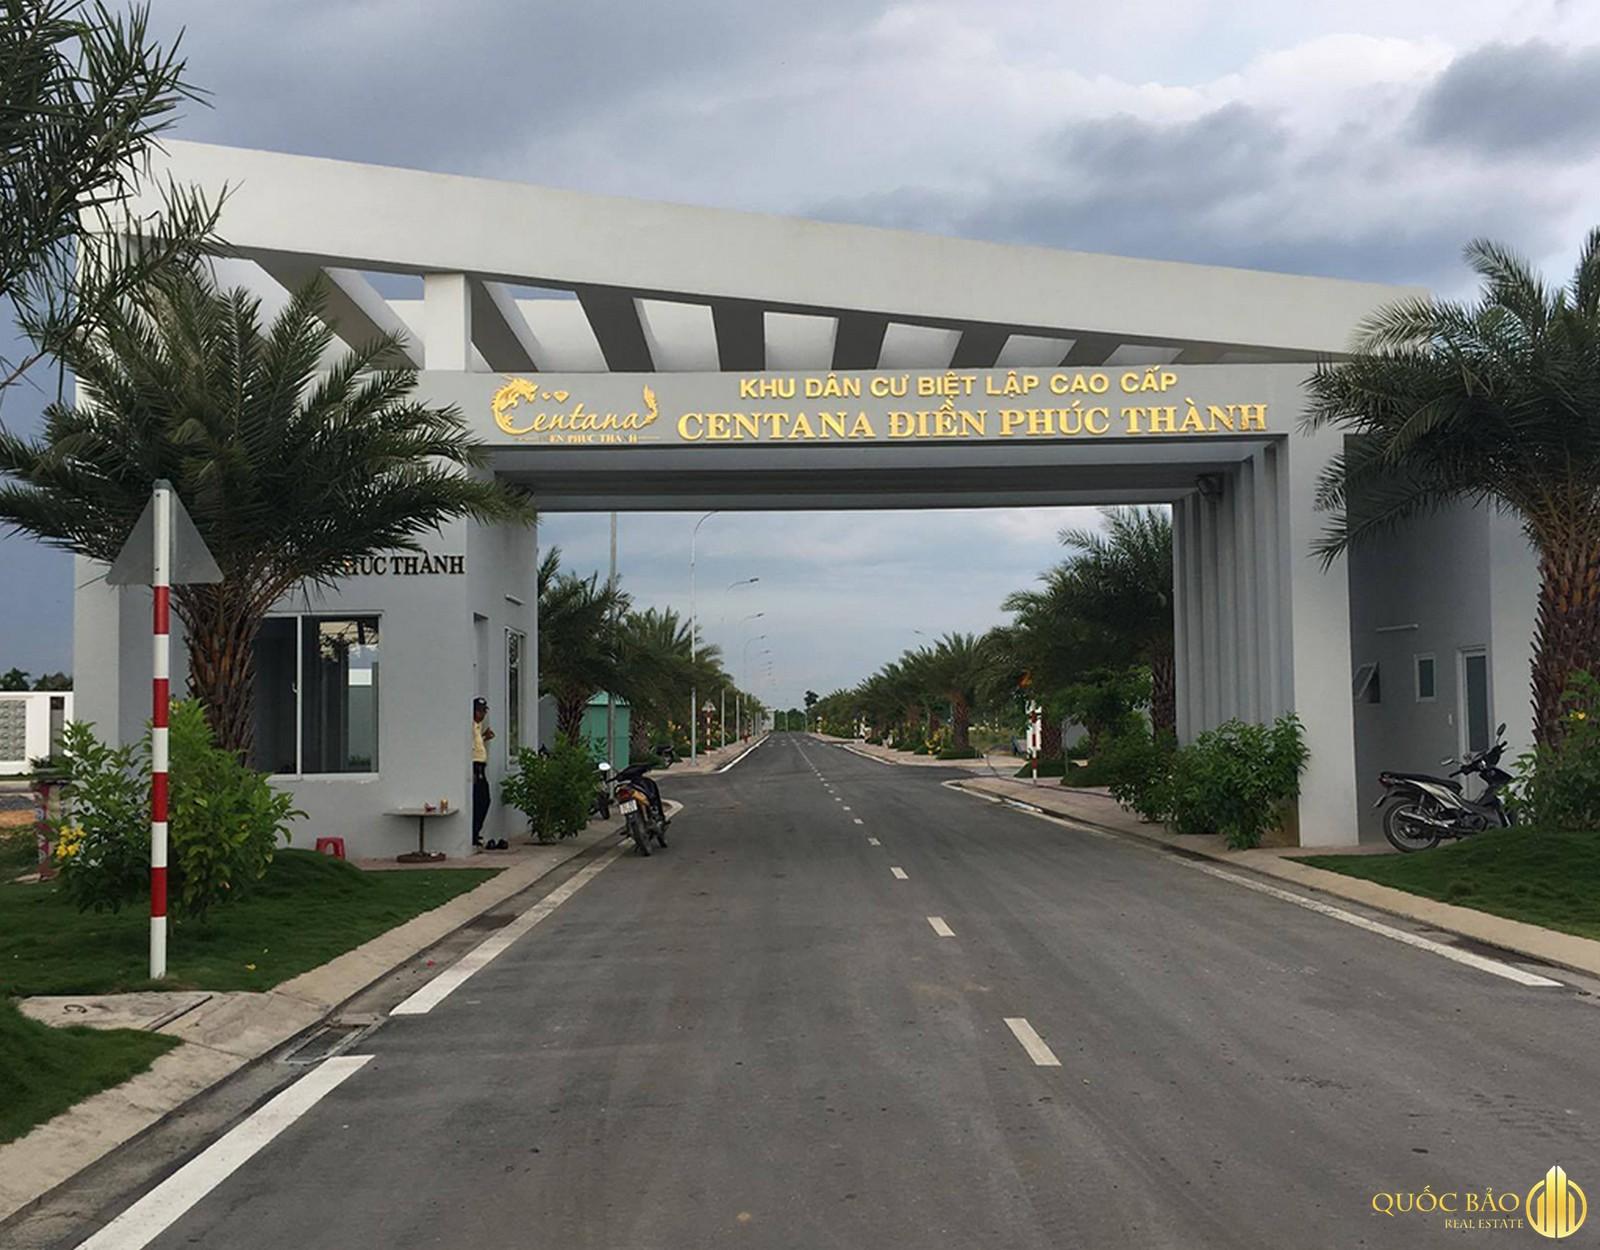 Dự án Centana Trường Lưu Quận 9